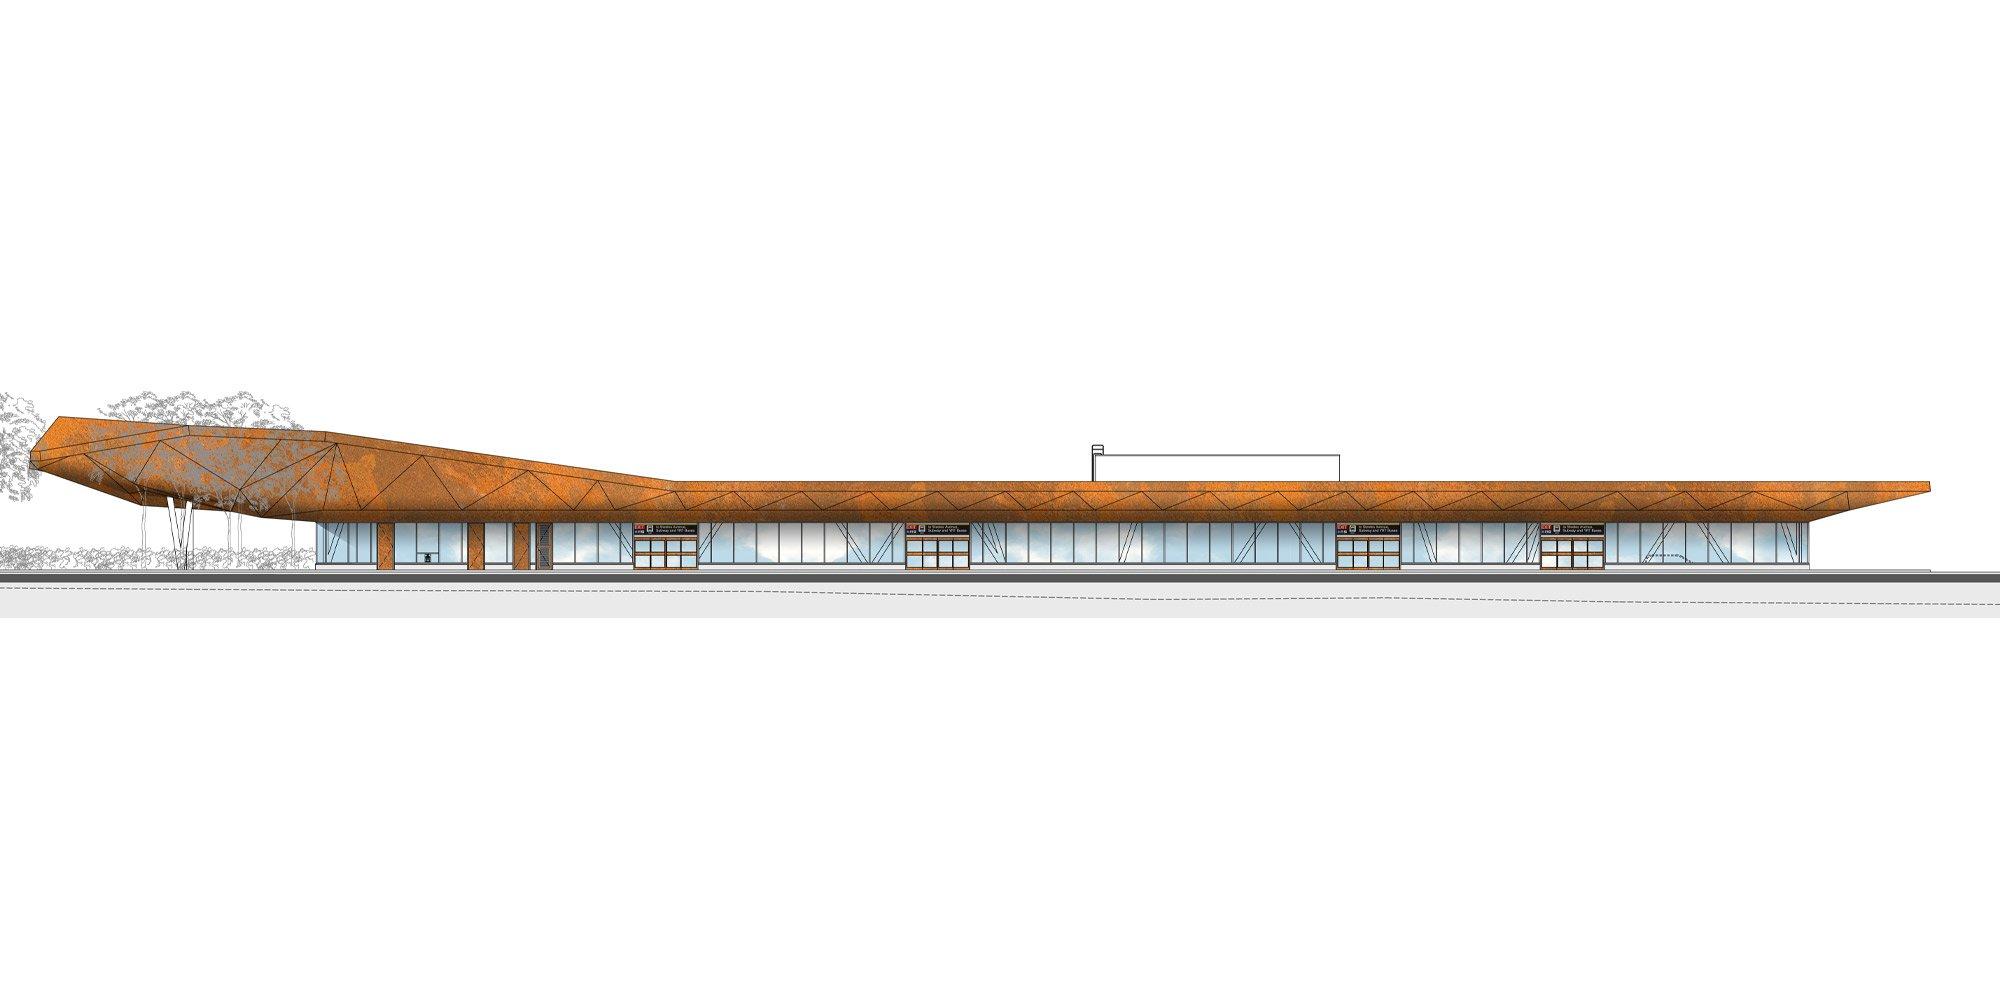 Prospetto nord - Terminal autobus © aLL Design, TSGA